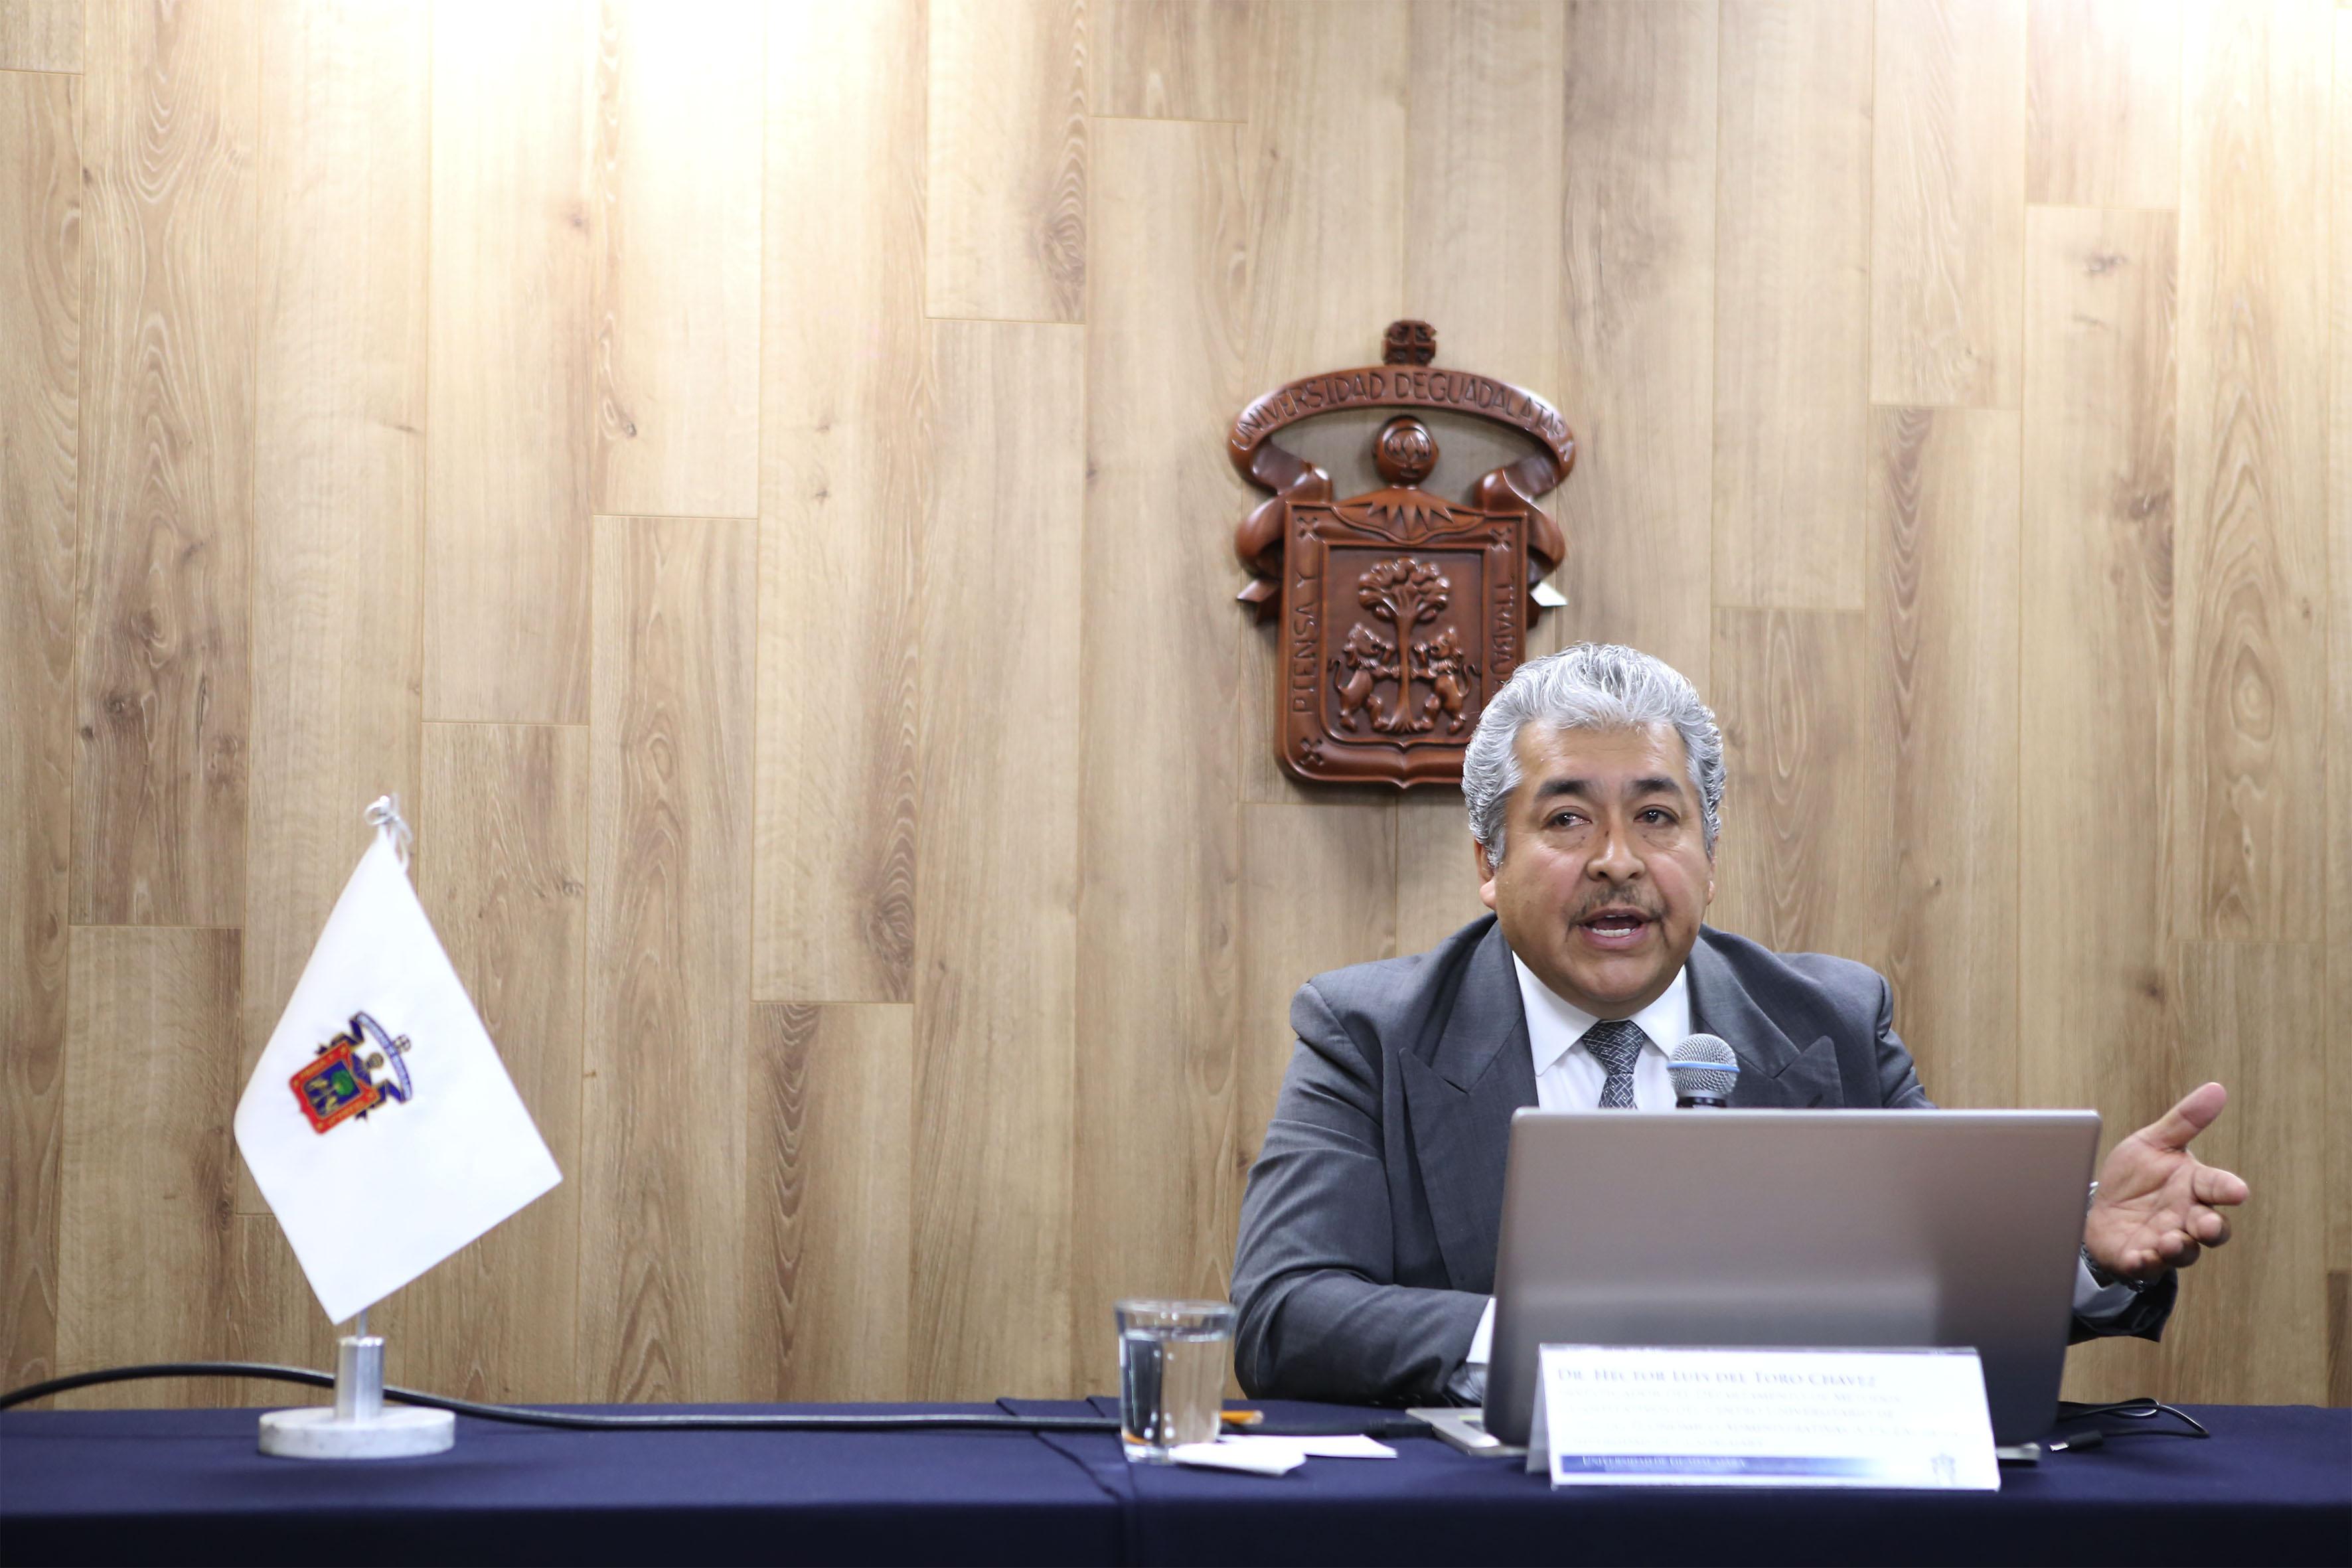 Doctor Héctor Luis del Toro Chávez, investigador del Centro Universitario de Ciencias Económico Administrativas de la Universidad de Guadalajara, con micrófono en mano haciendo uso de la palabra para dar a conocer los resultados de su investigación Canasta Básica e Índice Precios en la Zona Metropolitana de Guadalajara.